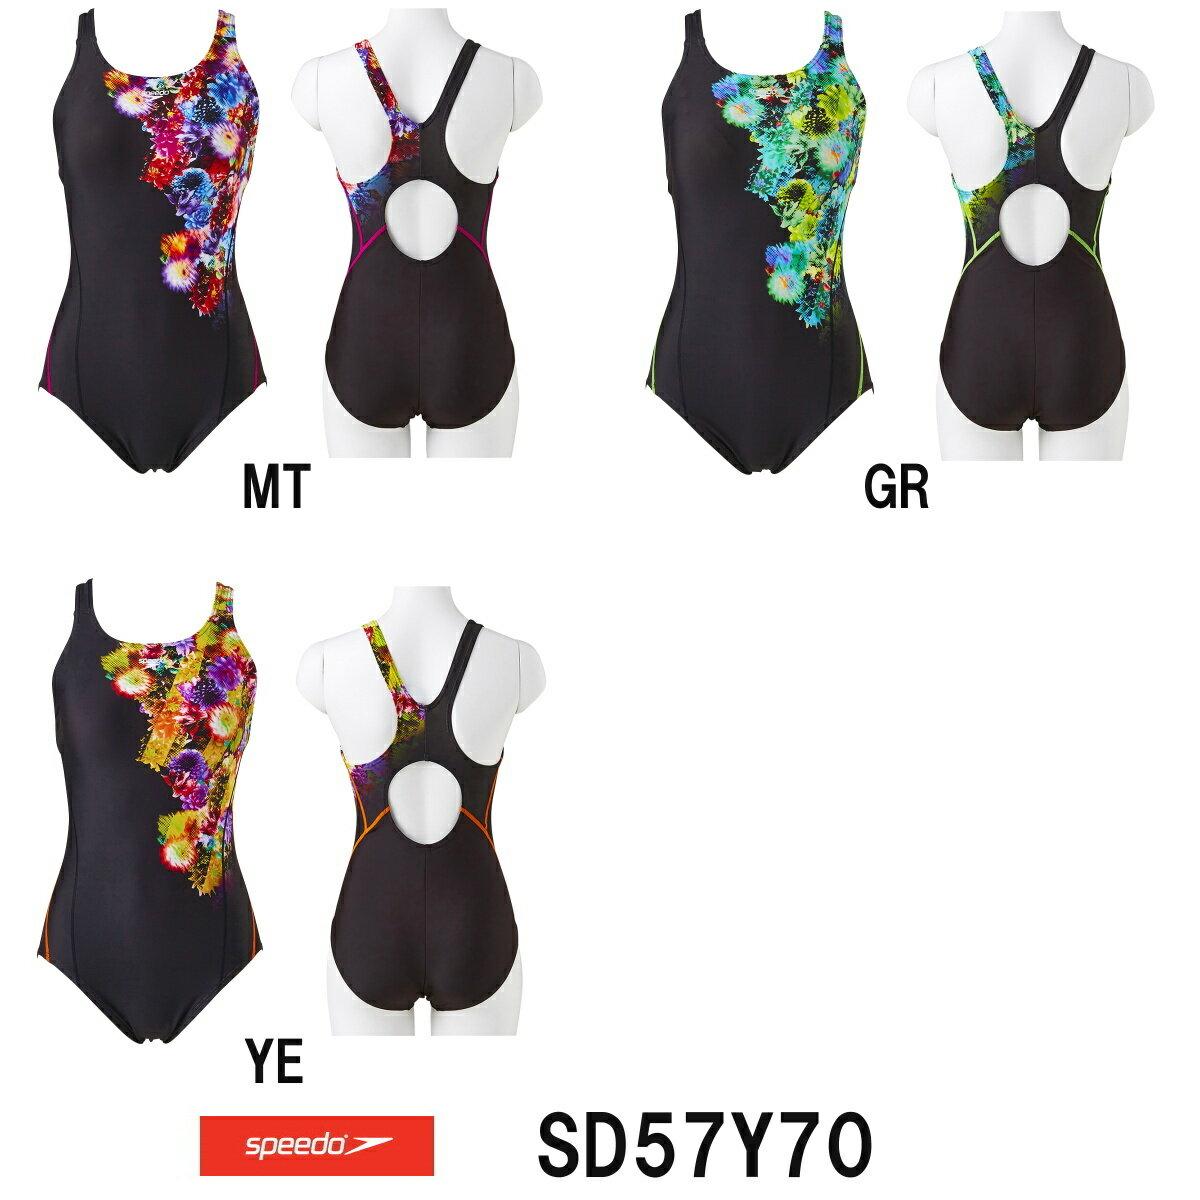 【SD57Y70】SPEEDO(スピード) レディース競泳水着 STREAM 2WAY ウイメンズスーツ(吊りパッド付き)[競泳/女性用/ワンピース]